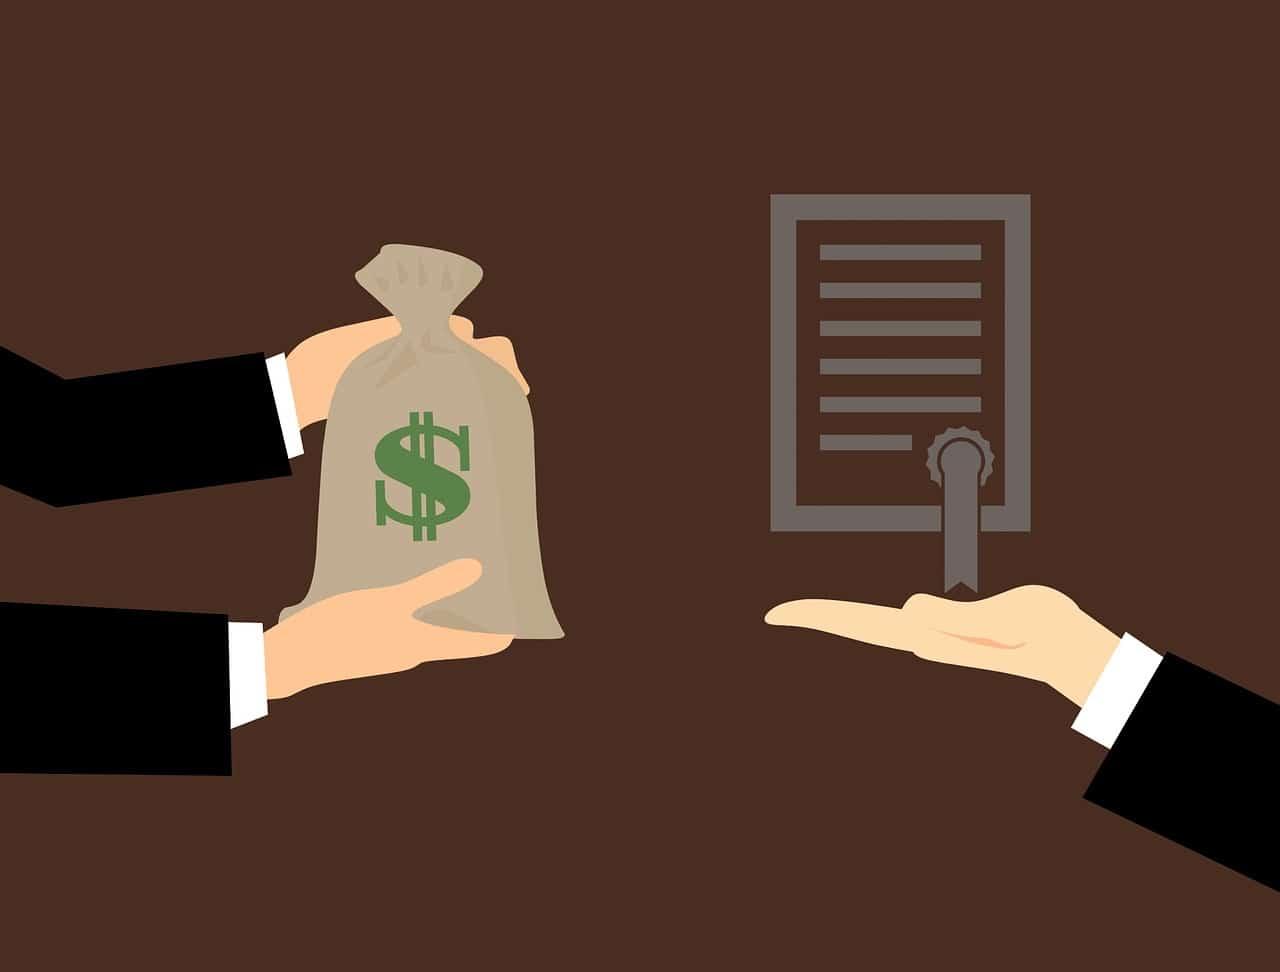 כסף ומסמך